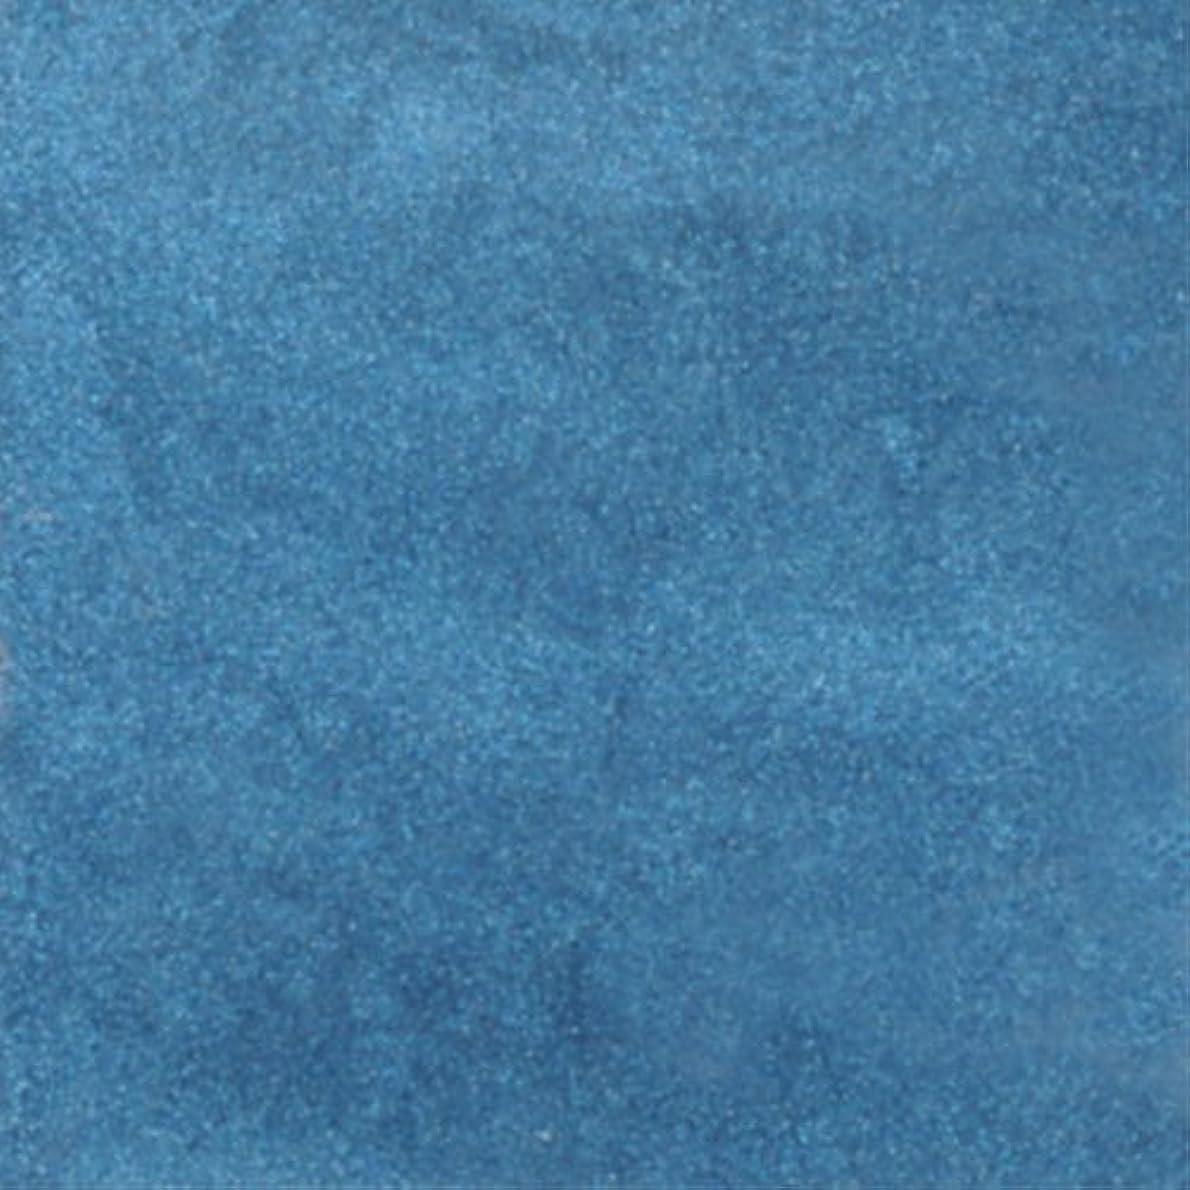 効能ボール通りピカエース ネイル用パウダー ピカエース シャインパウダー #813 藍色 0.25g アート材